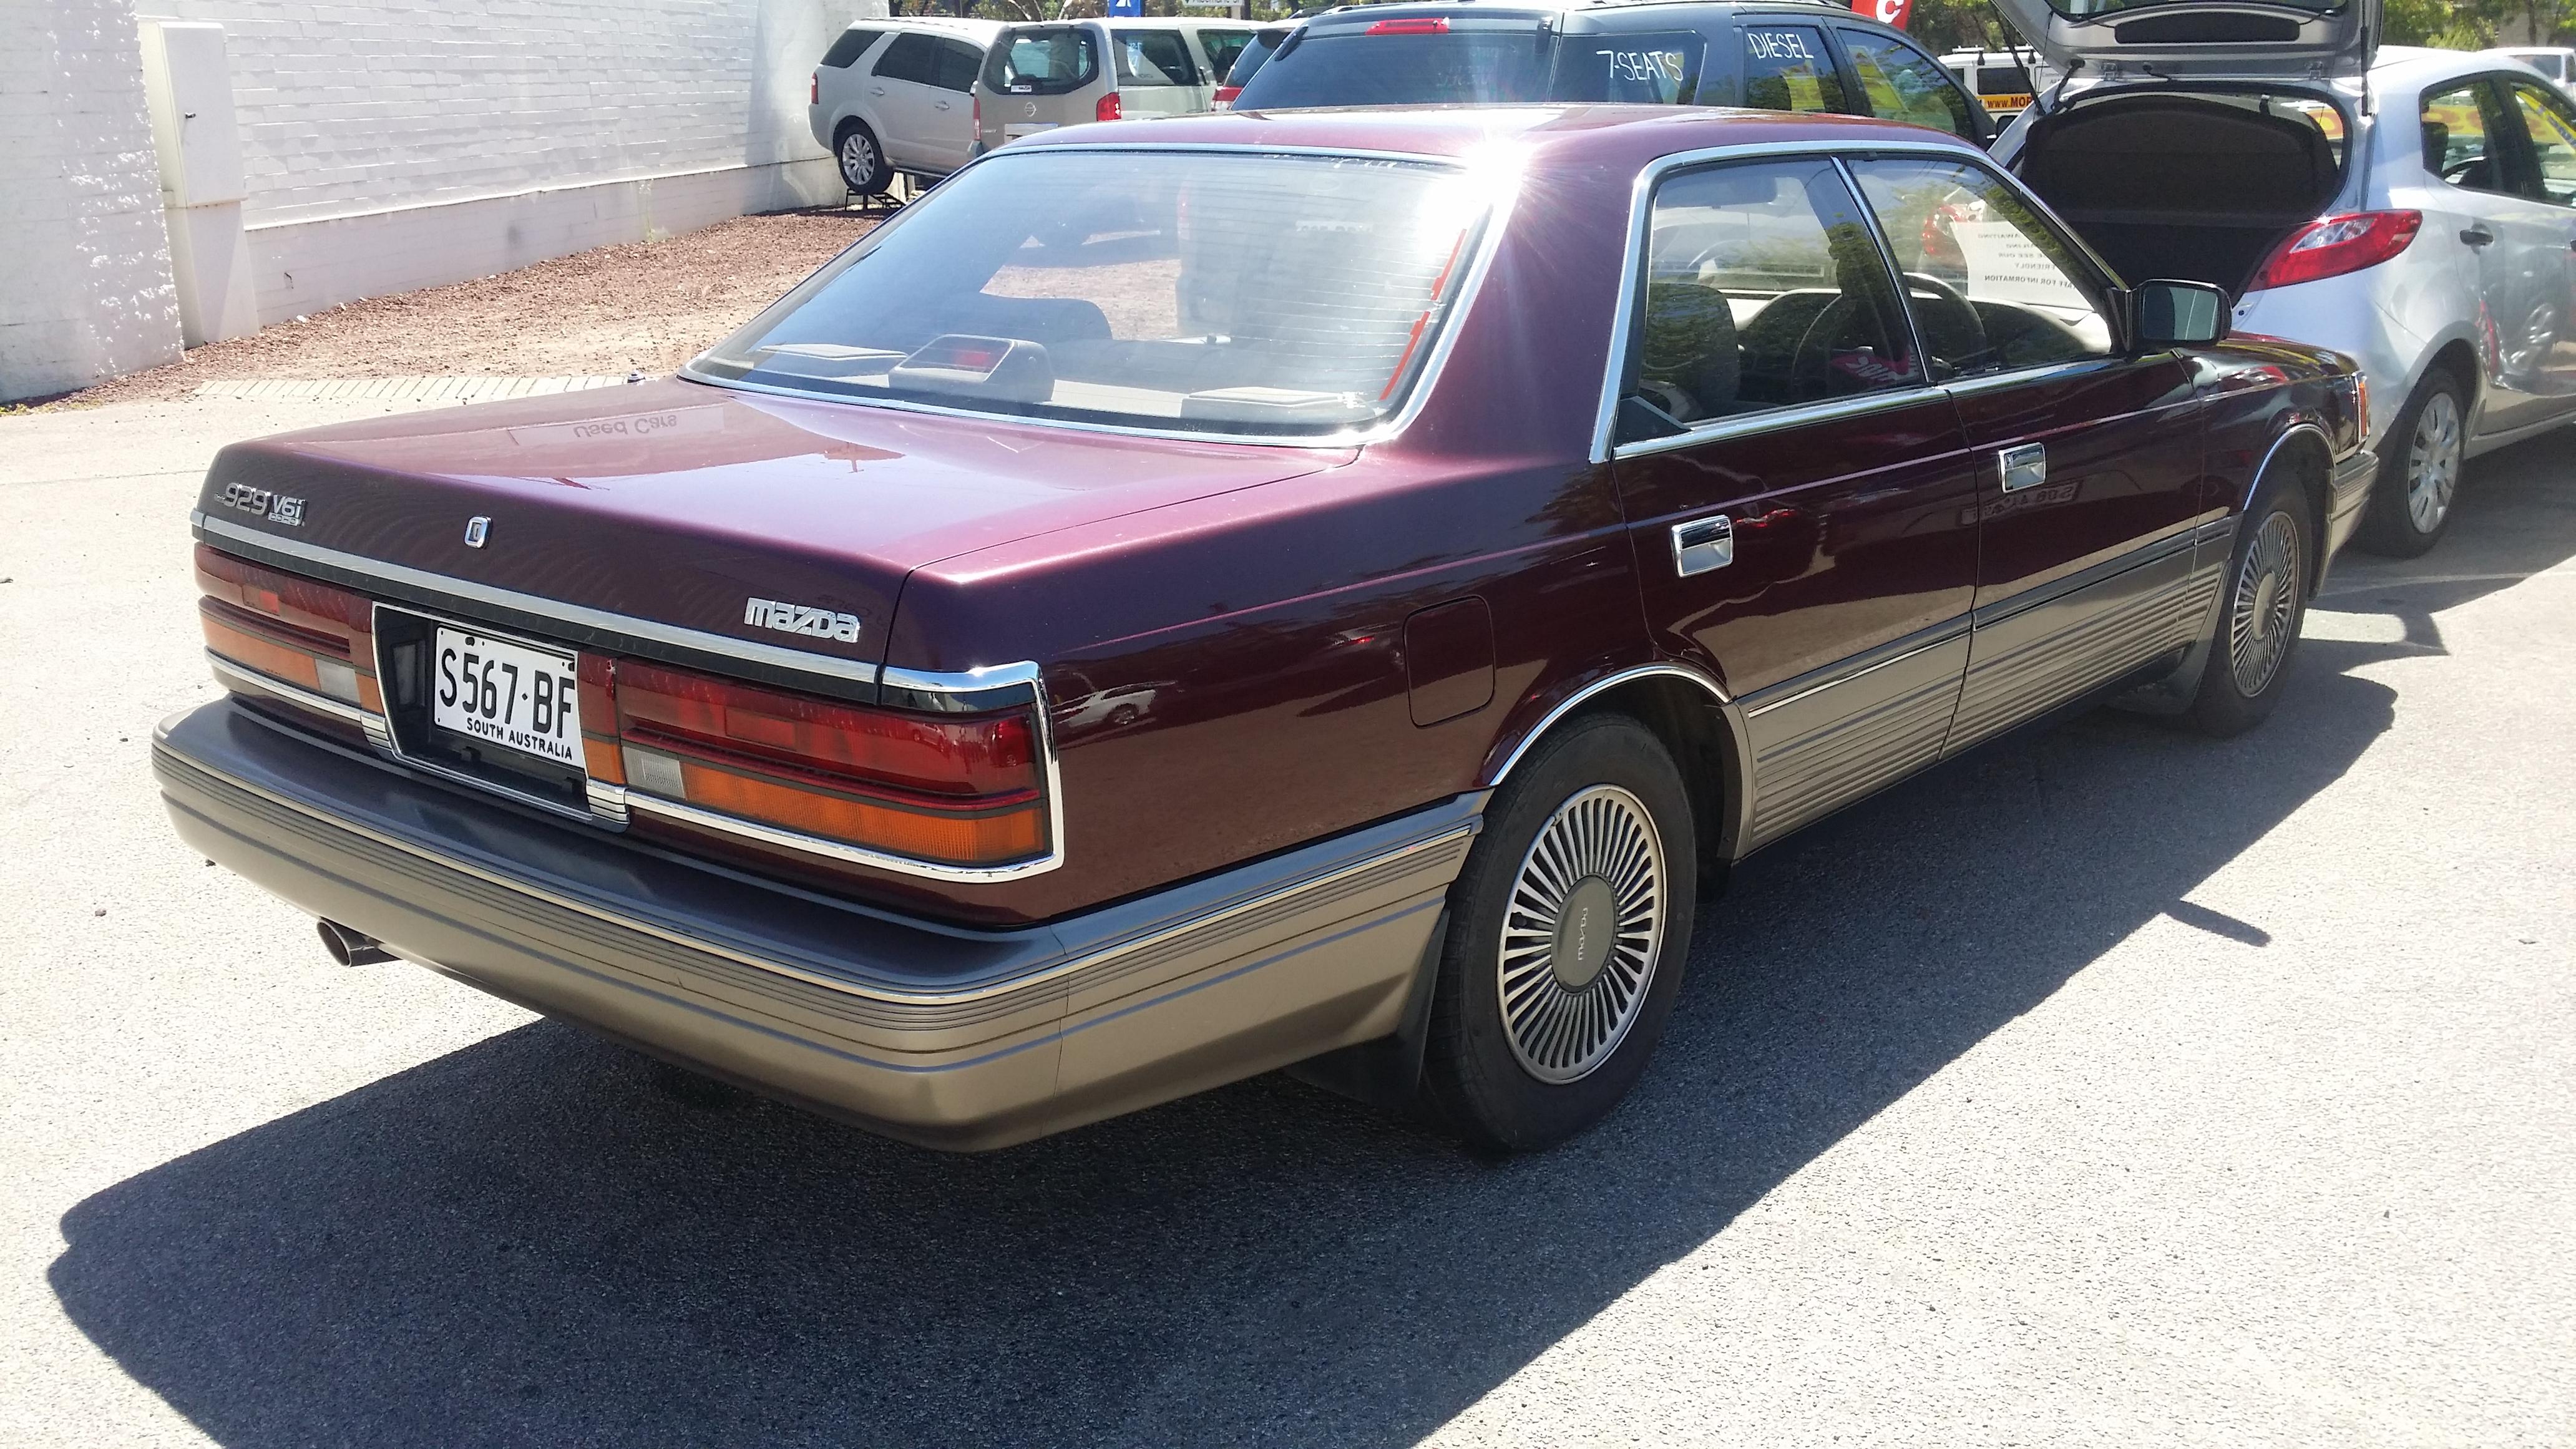 File:1990 Mazda 929 V6i - 33,000km (16612888259).jpg